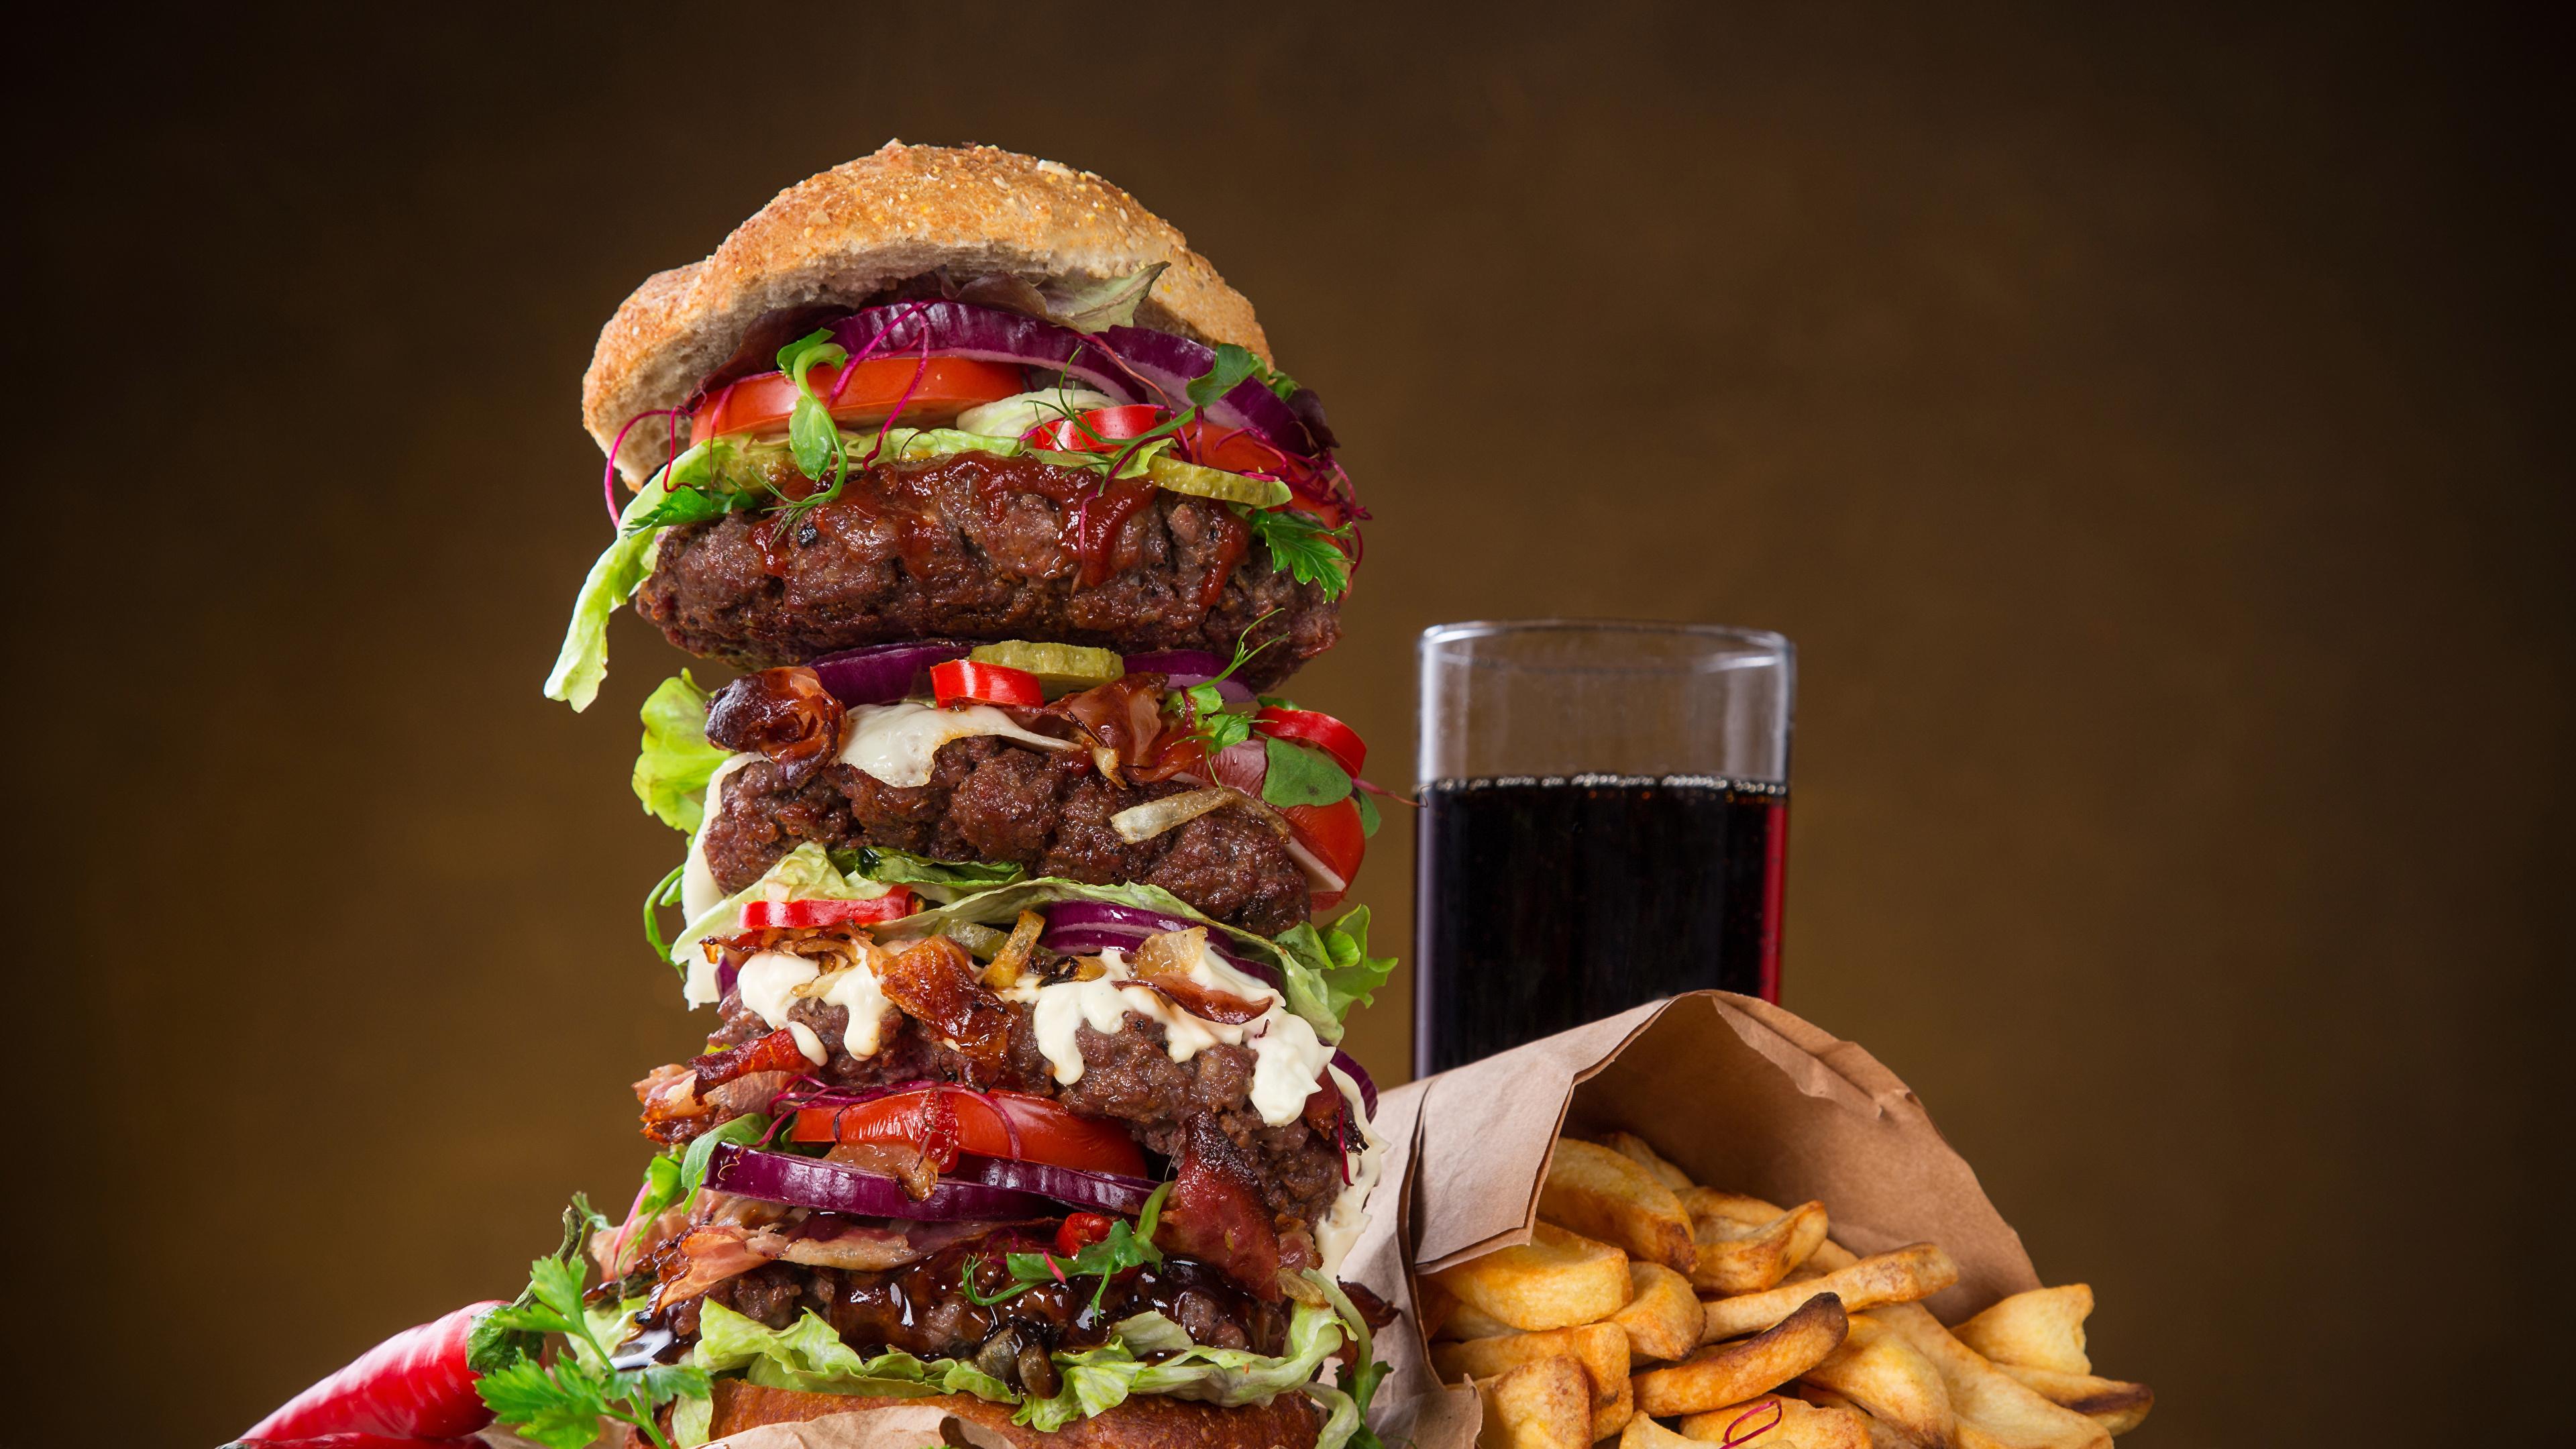 Обои Гамбургер Картофель фри Стакан Быстрое питание Продукты питания Напитки 3840x2160 стакана стакане Фастфуд Еда Пища